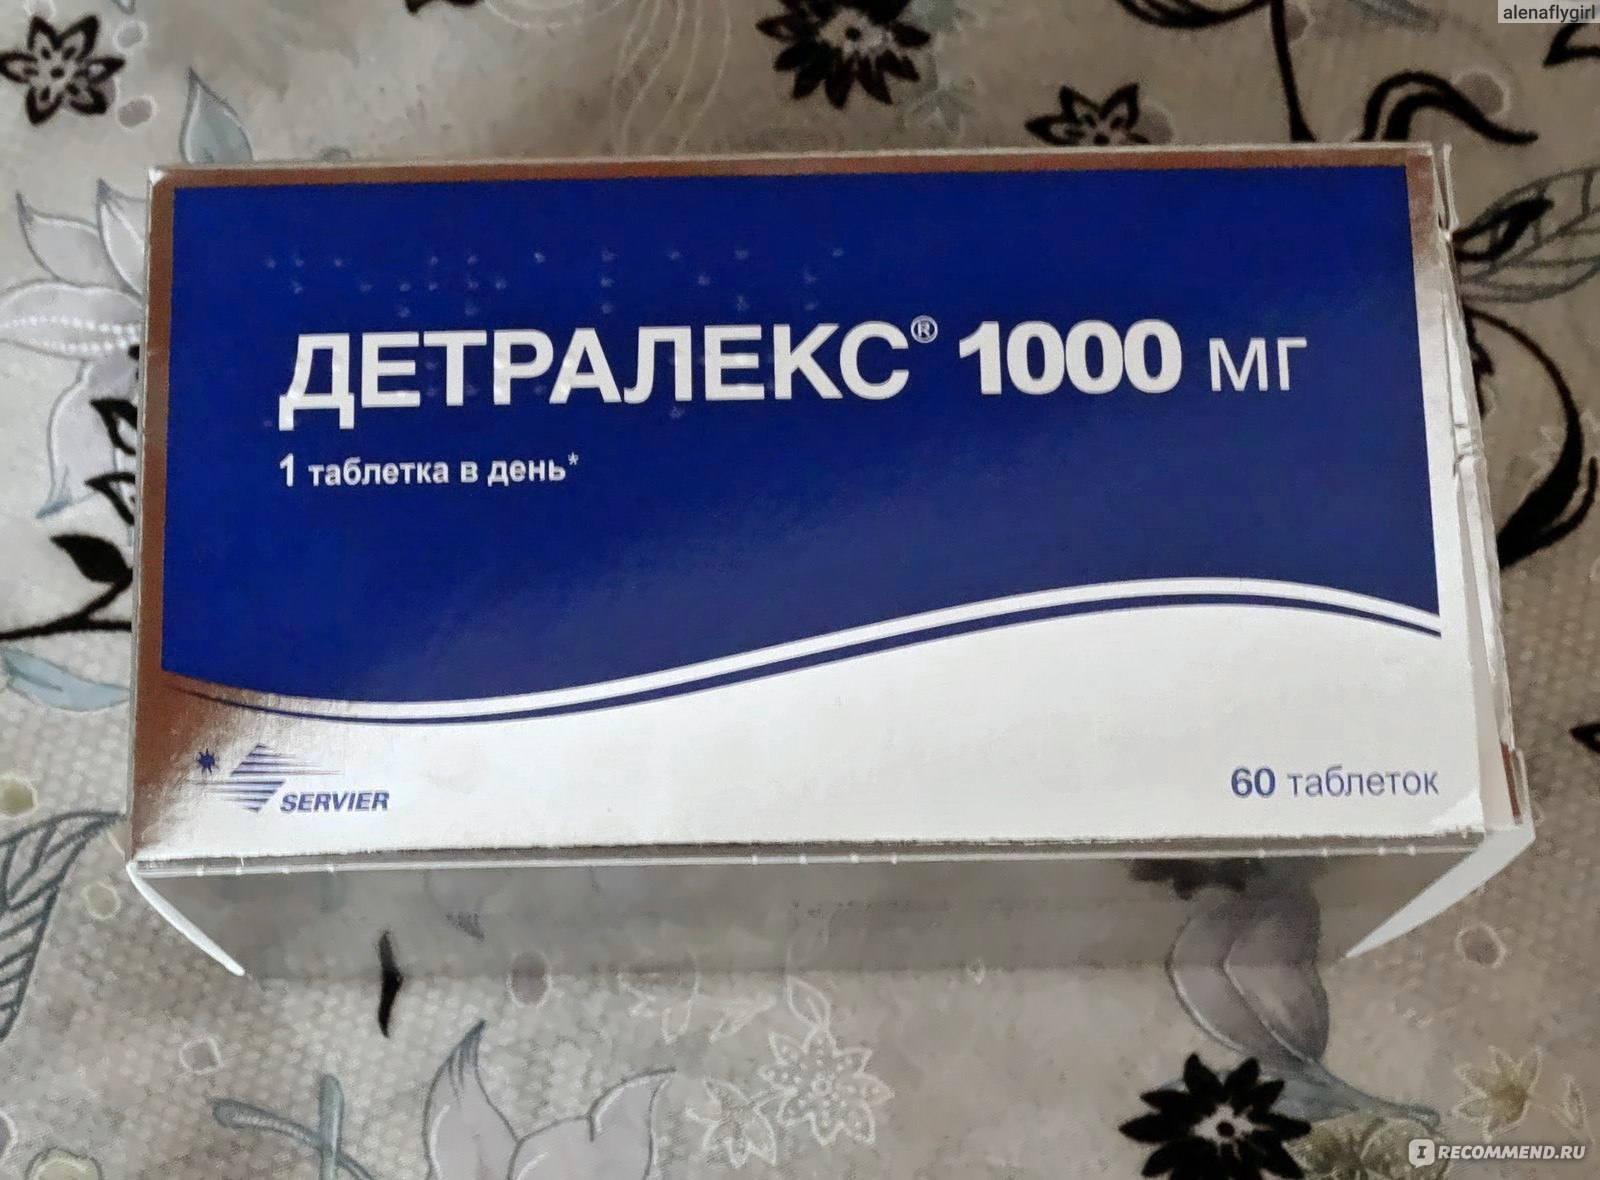 Троксевазин или детралекс — что лучше при варикозе?